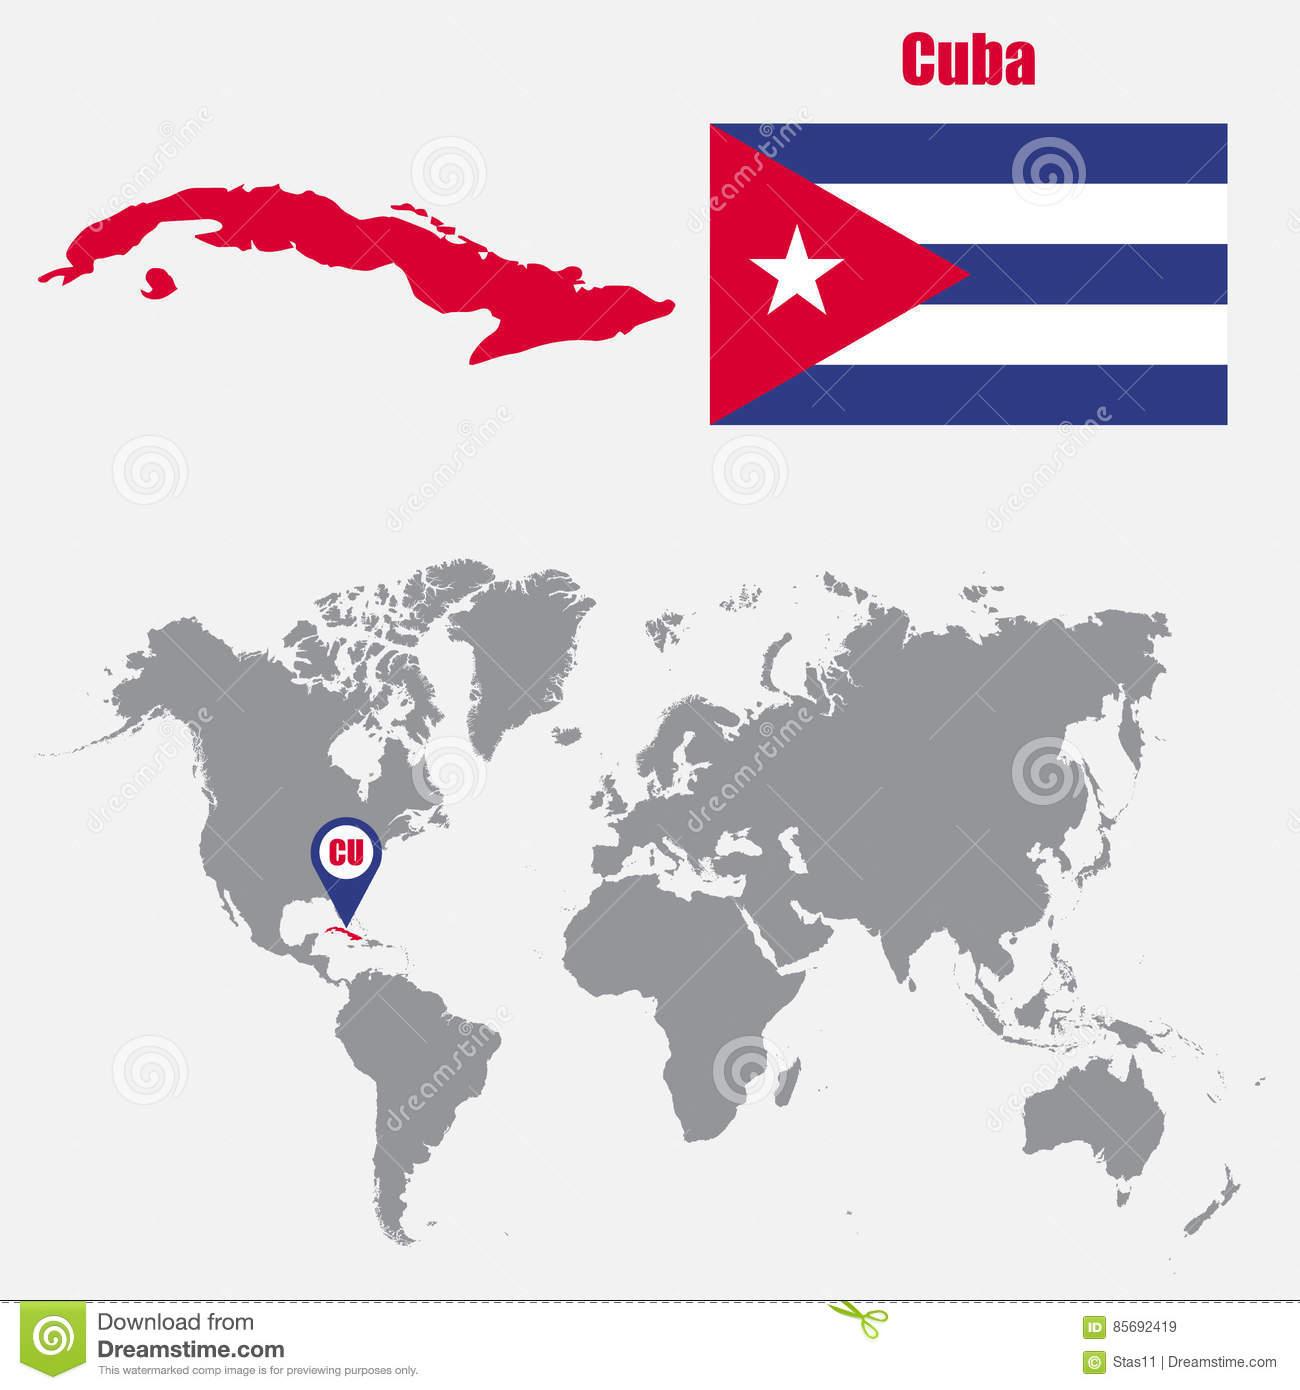 Kuba-Karte Auf Einer Weltkarte Mit Flaggen- Und Kartenzeiger mit Weltkarte Mit Flaggen